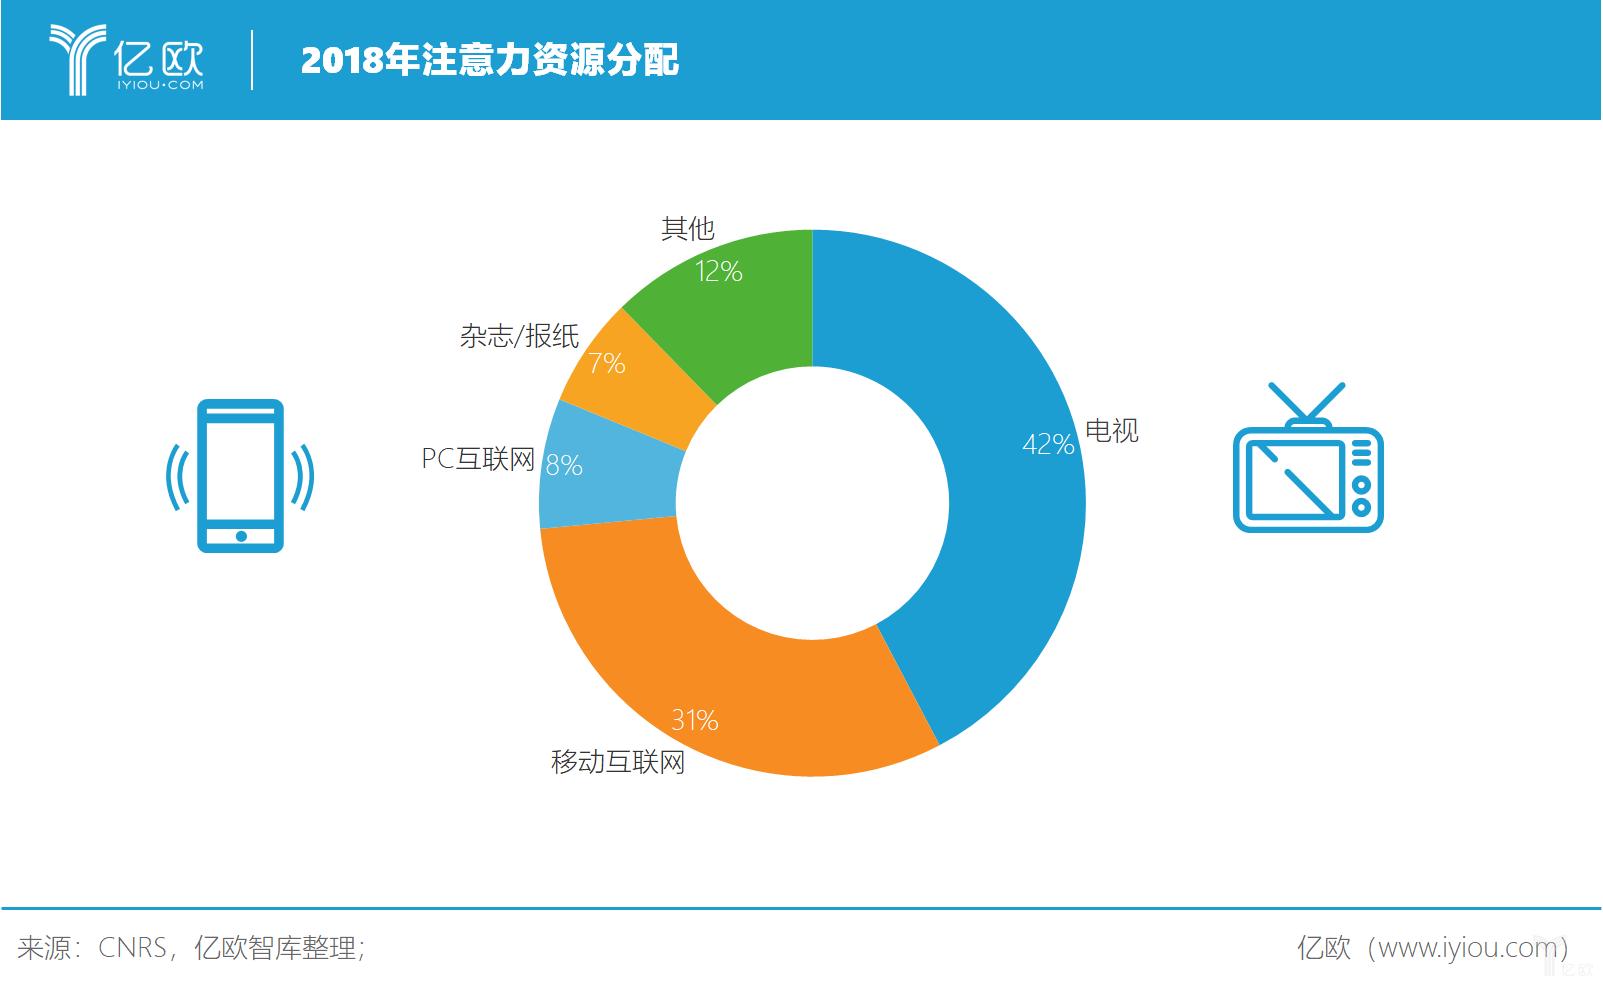 亿欧智库:2018年注意力资源分配